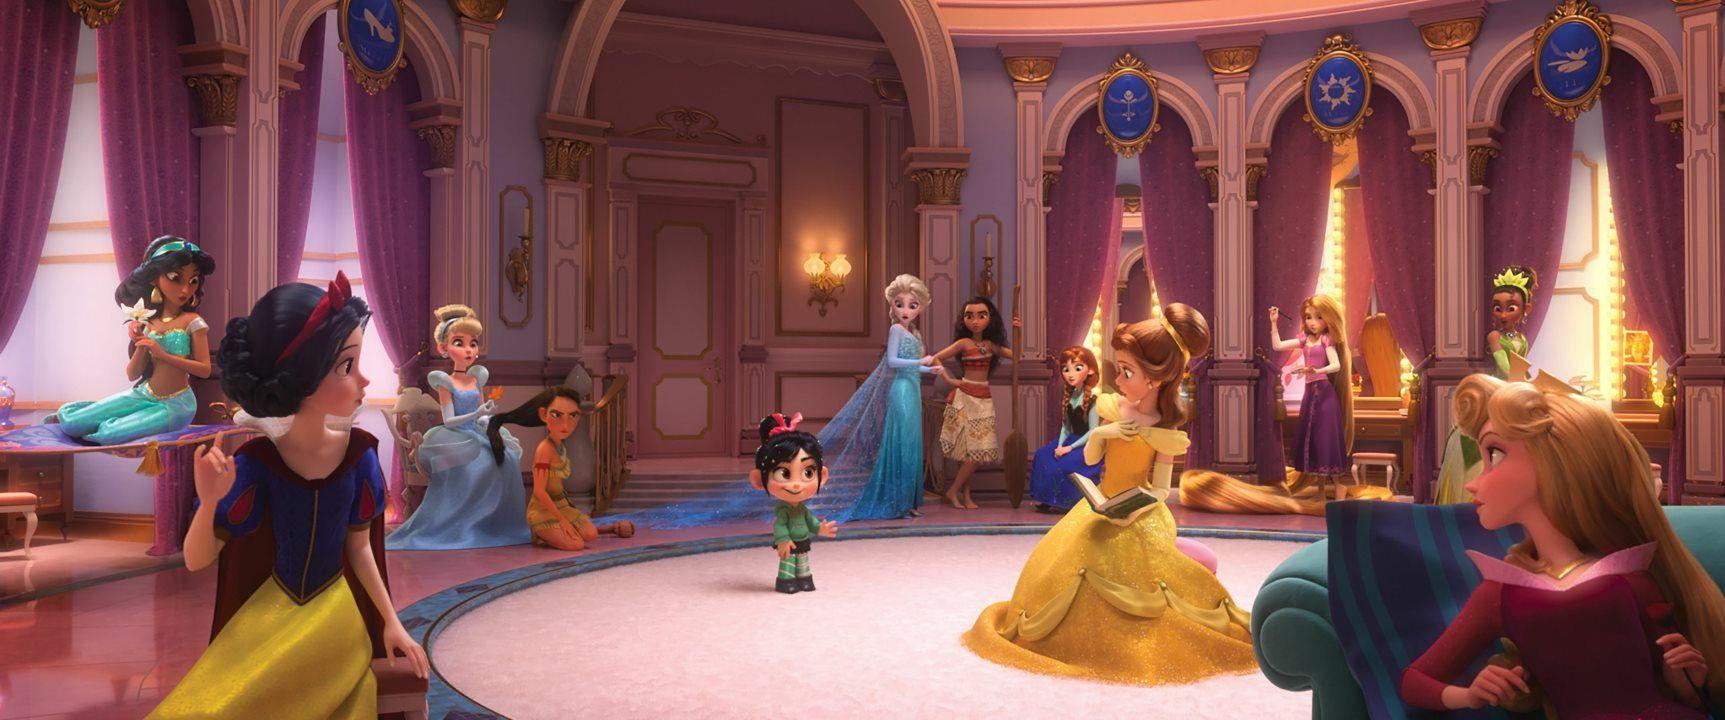 WreckIt Ralph 2 Trailer Brings Disney Princesses, Tech